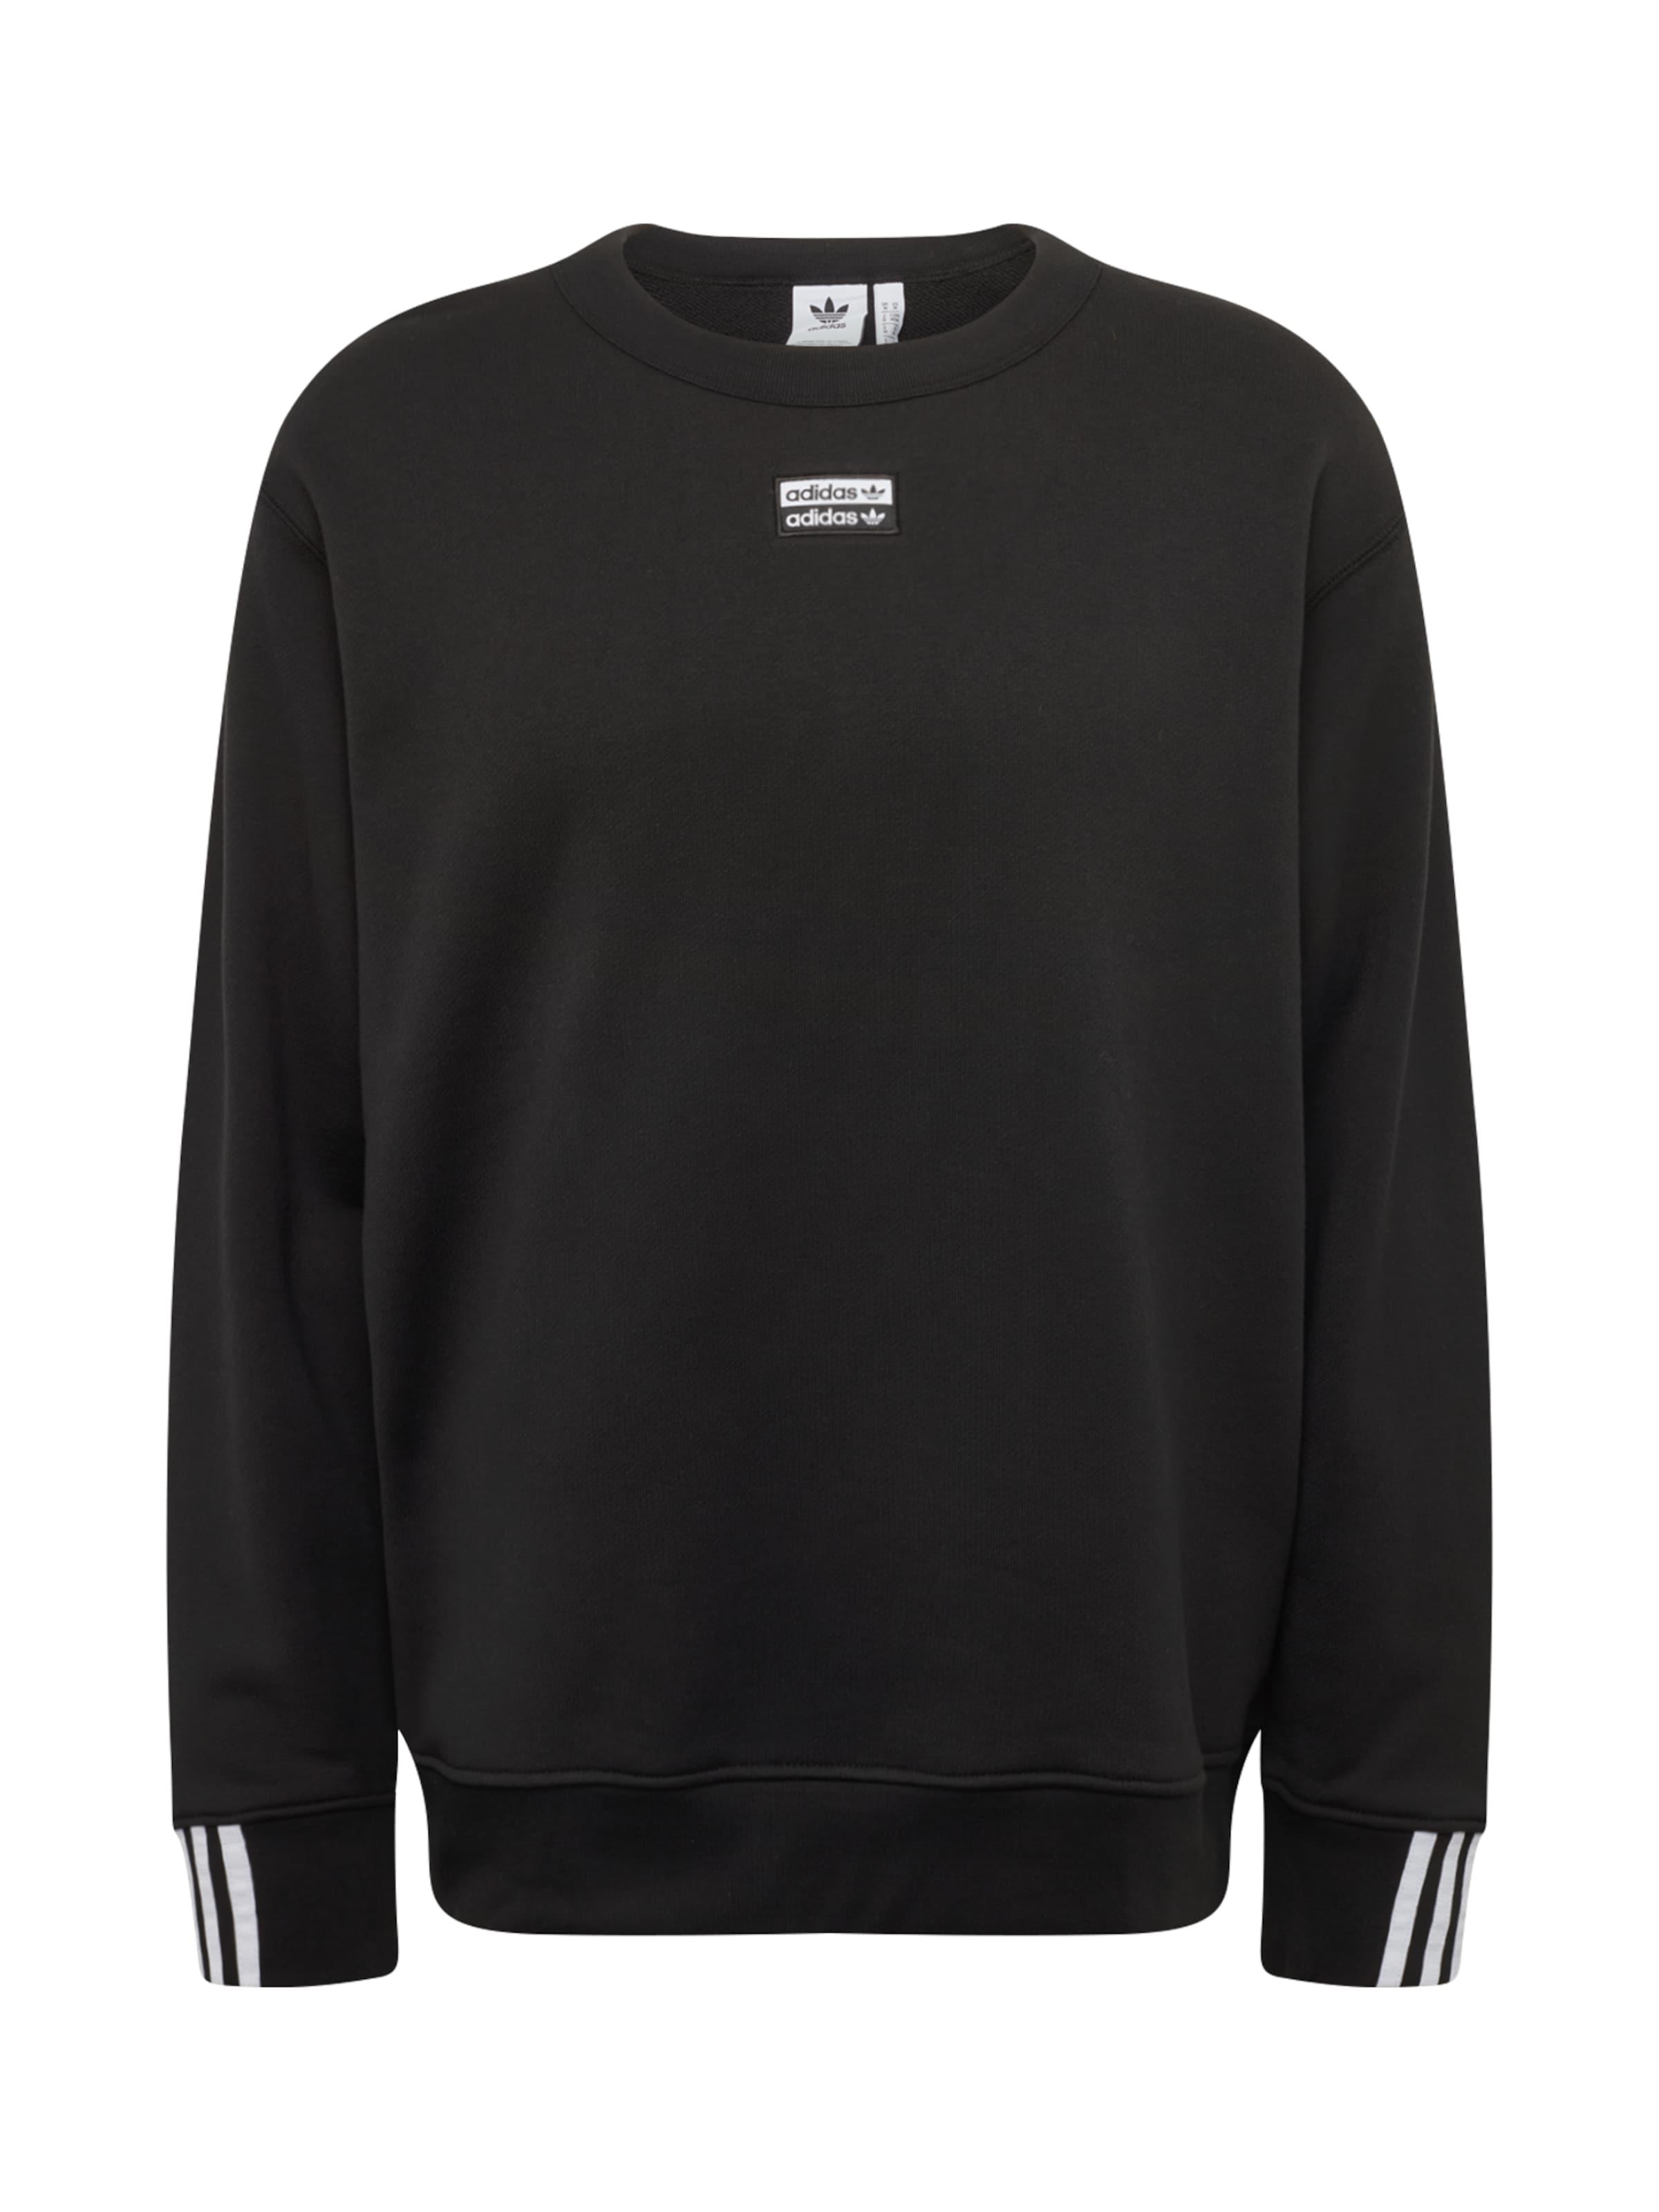 Adidas In Schwarz 'vocal Originals Sweatshirt Crew' n80wOPk